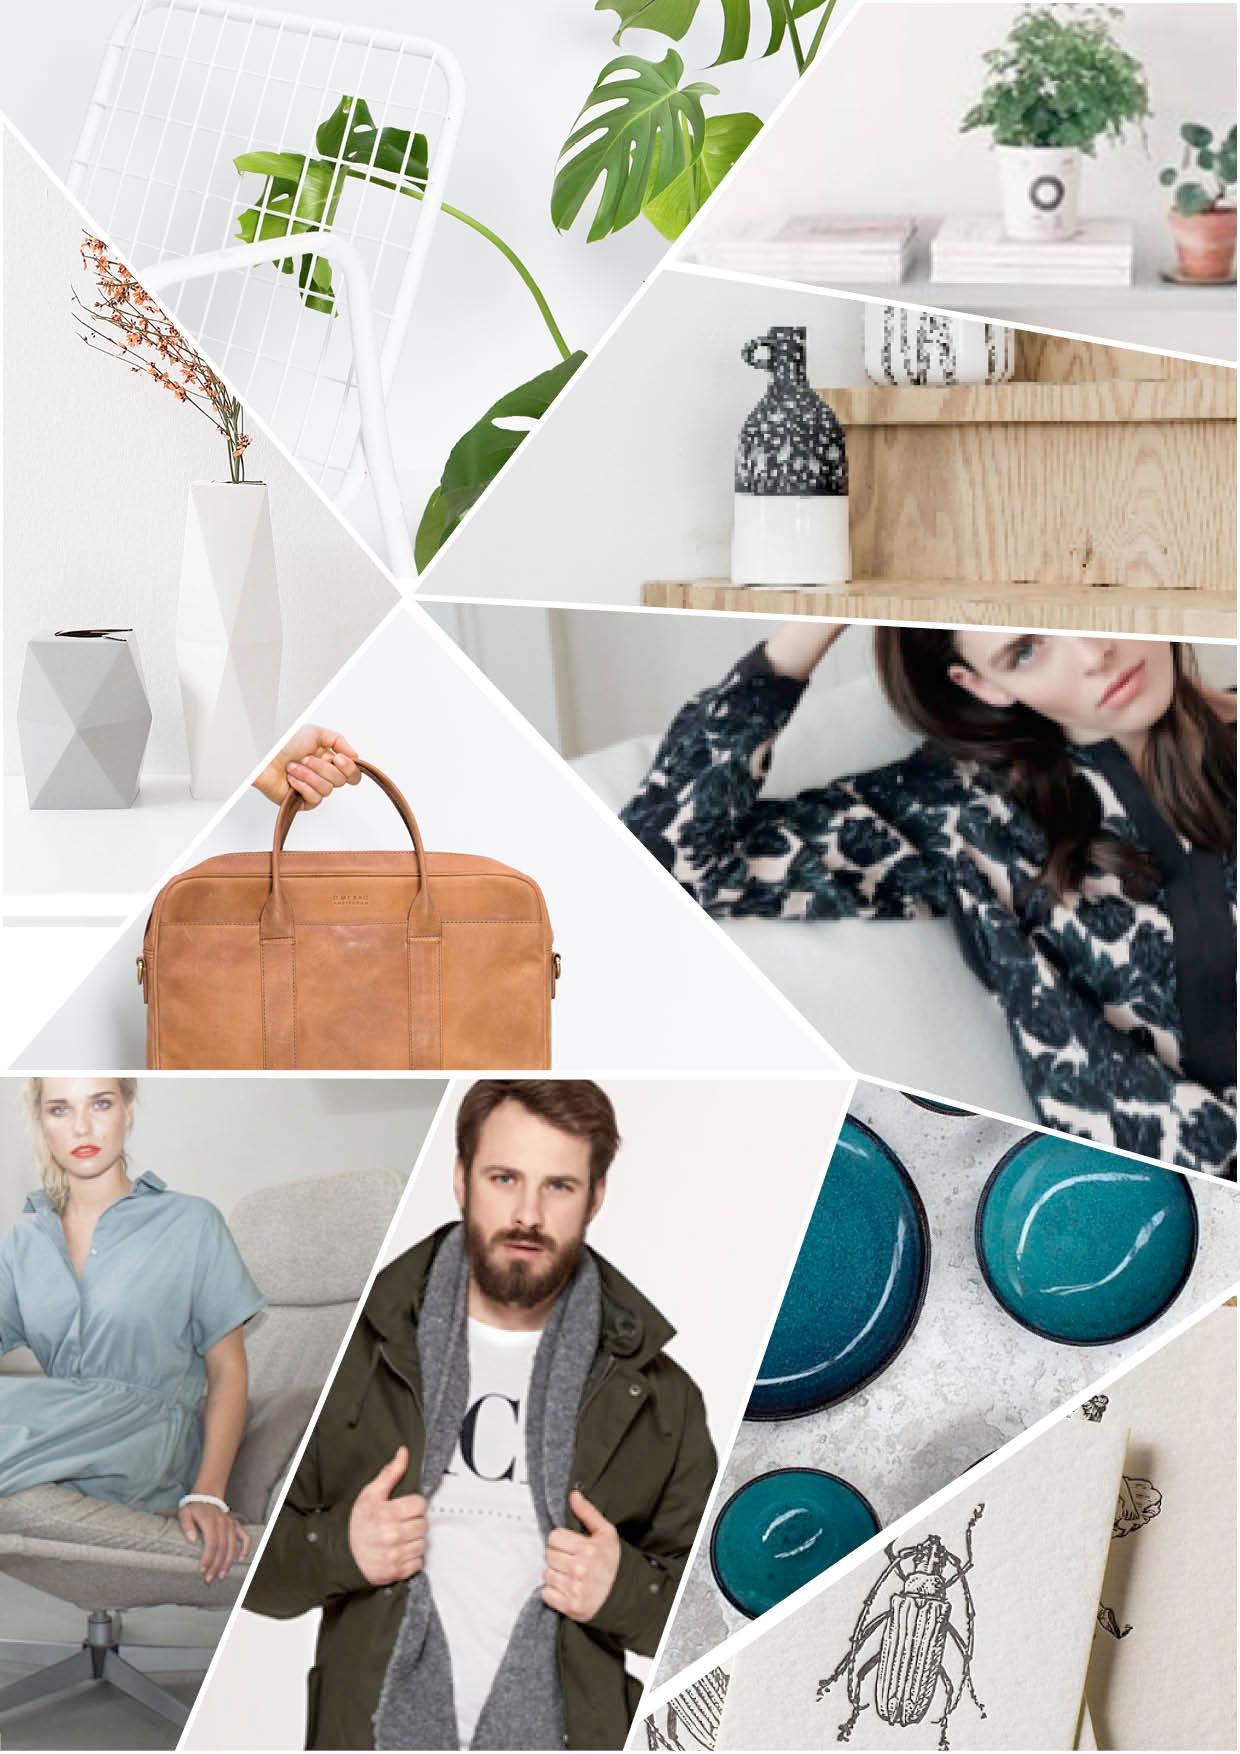 Duurzame winkel in Antwerpen Juttu merken als O My Bag en studio JUX